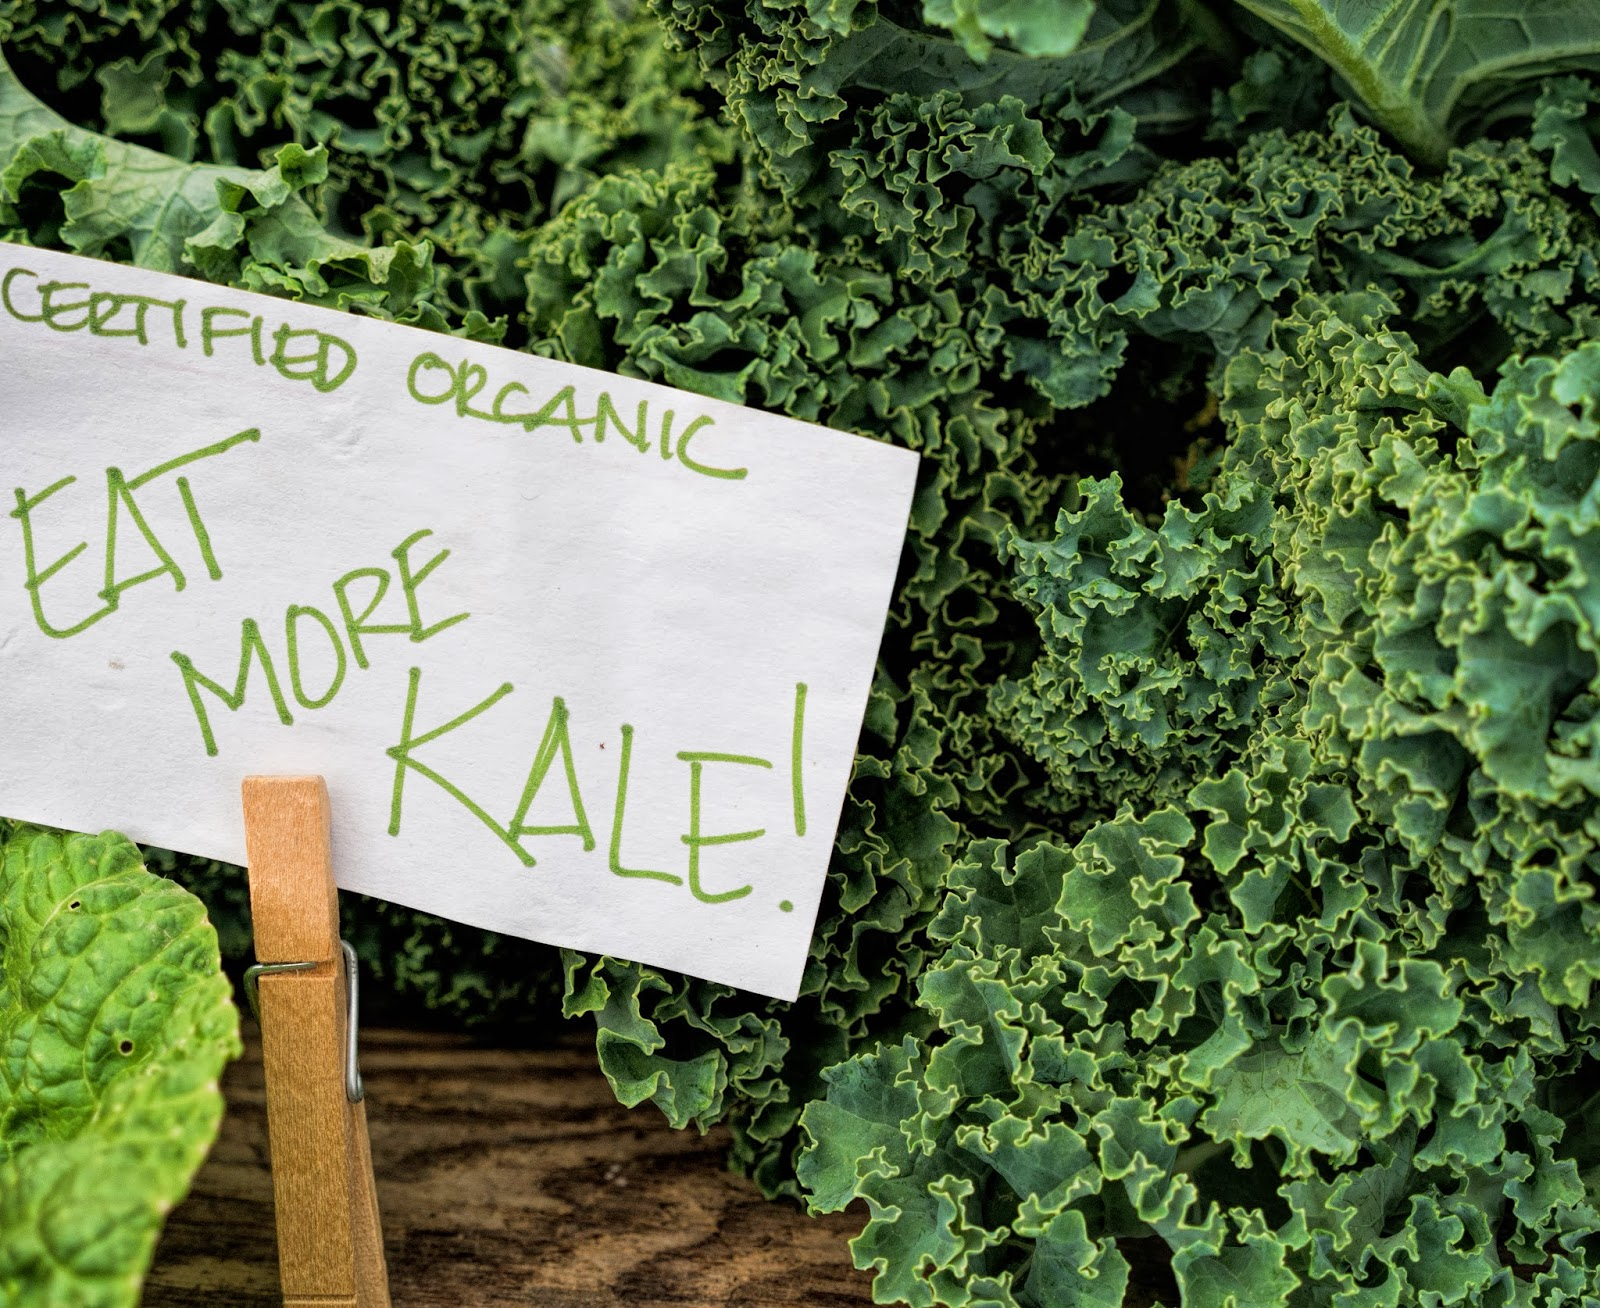 Eat more kale! It's delicious!